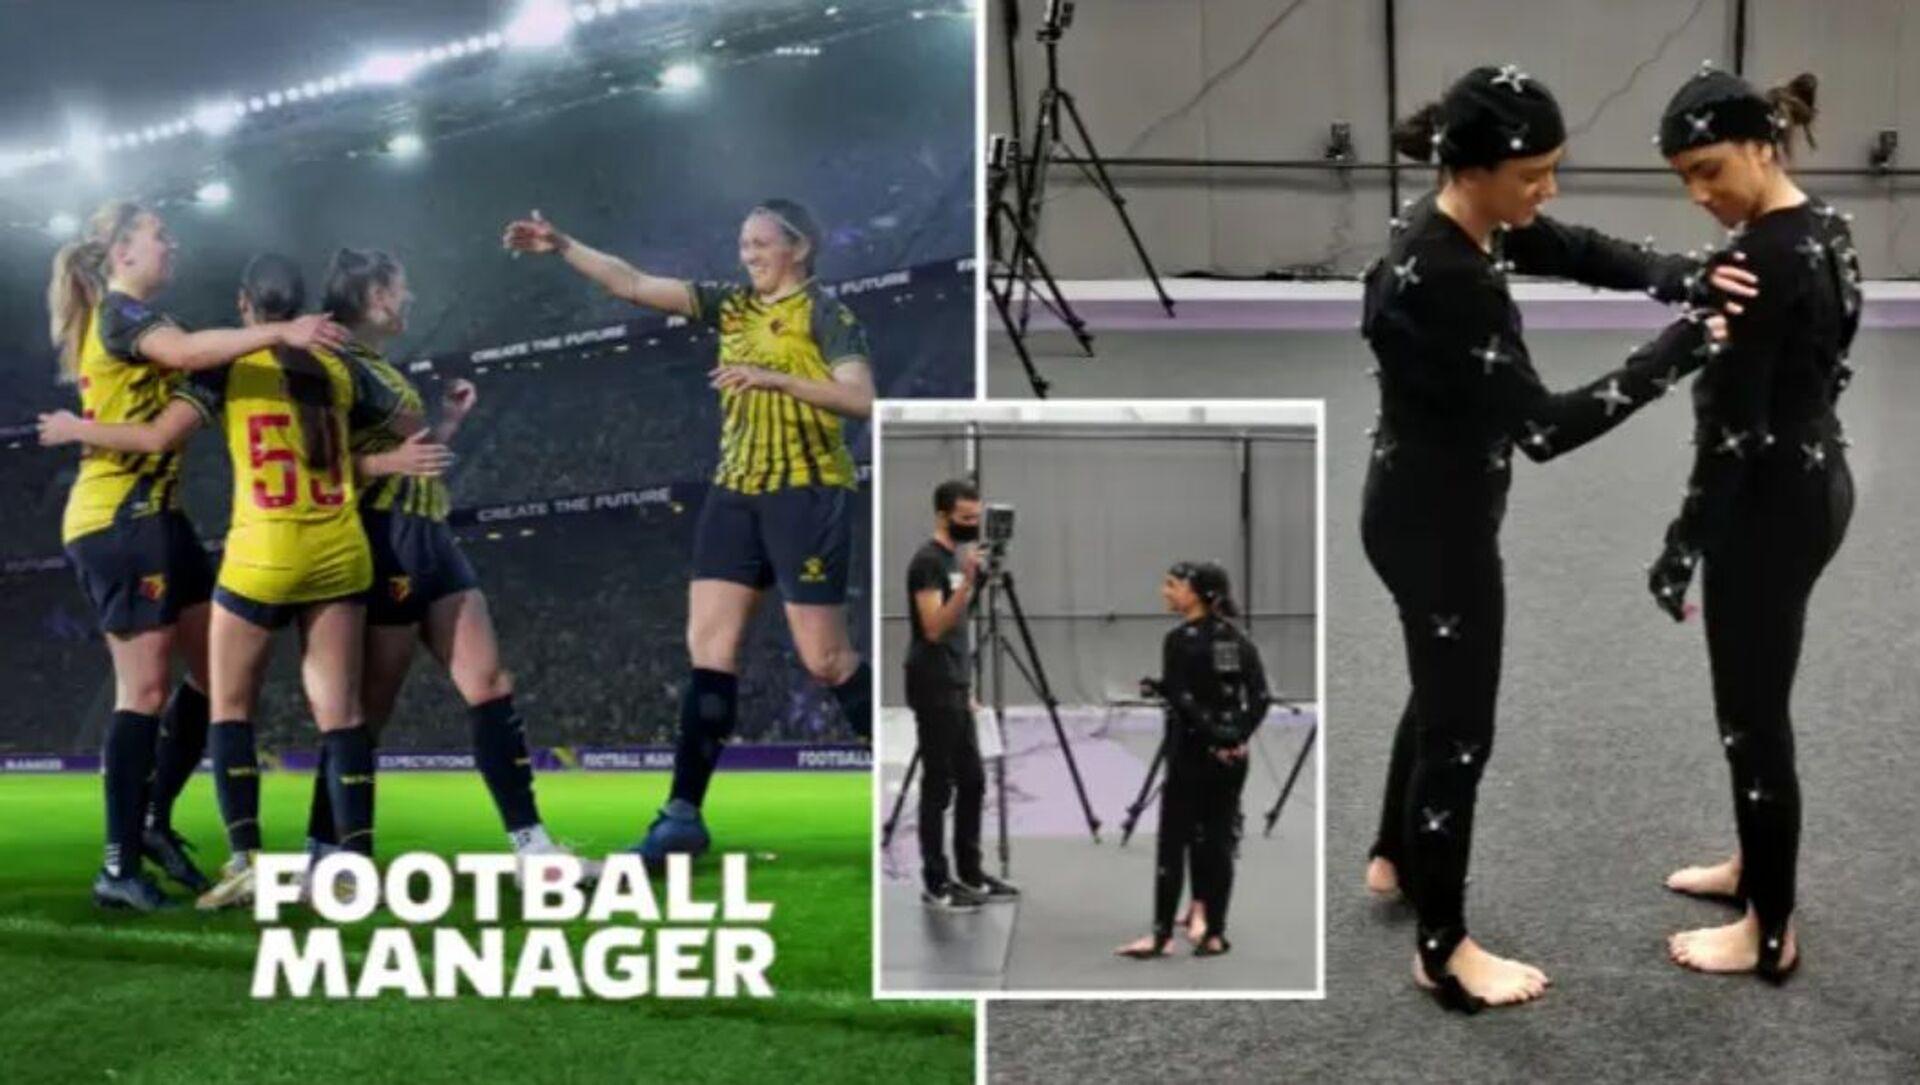 Football Manager kadınlar ligi - Sputnik Türkiye, 1920, 23.07.2021